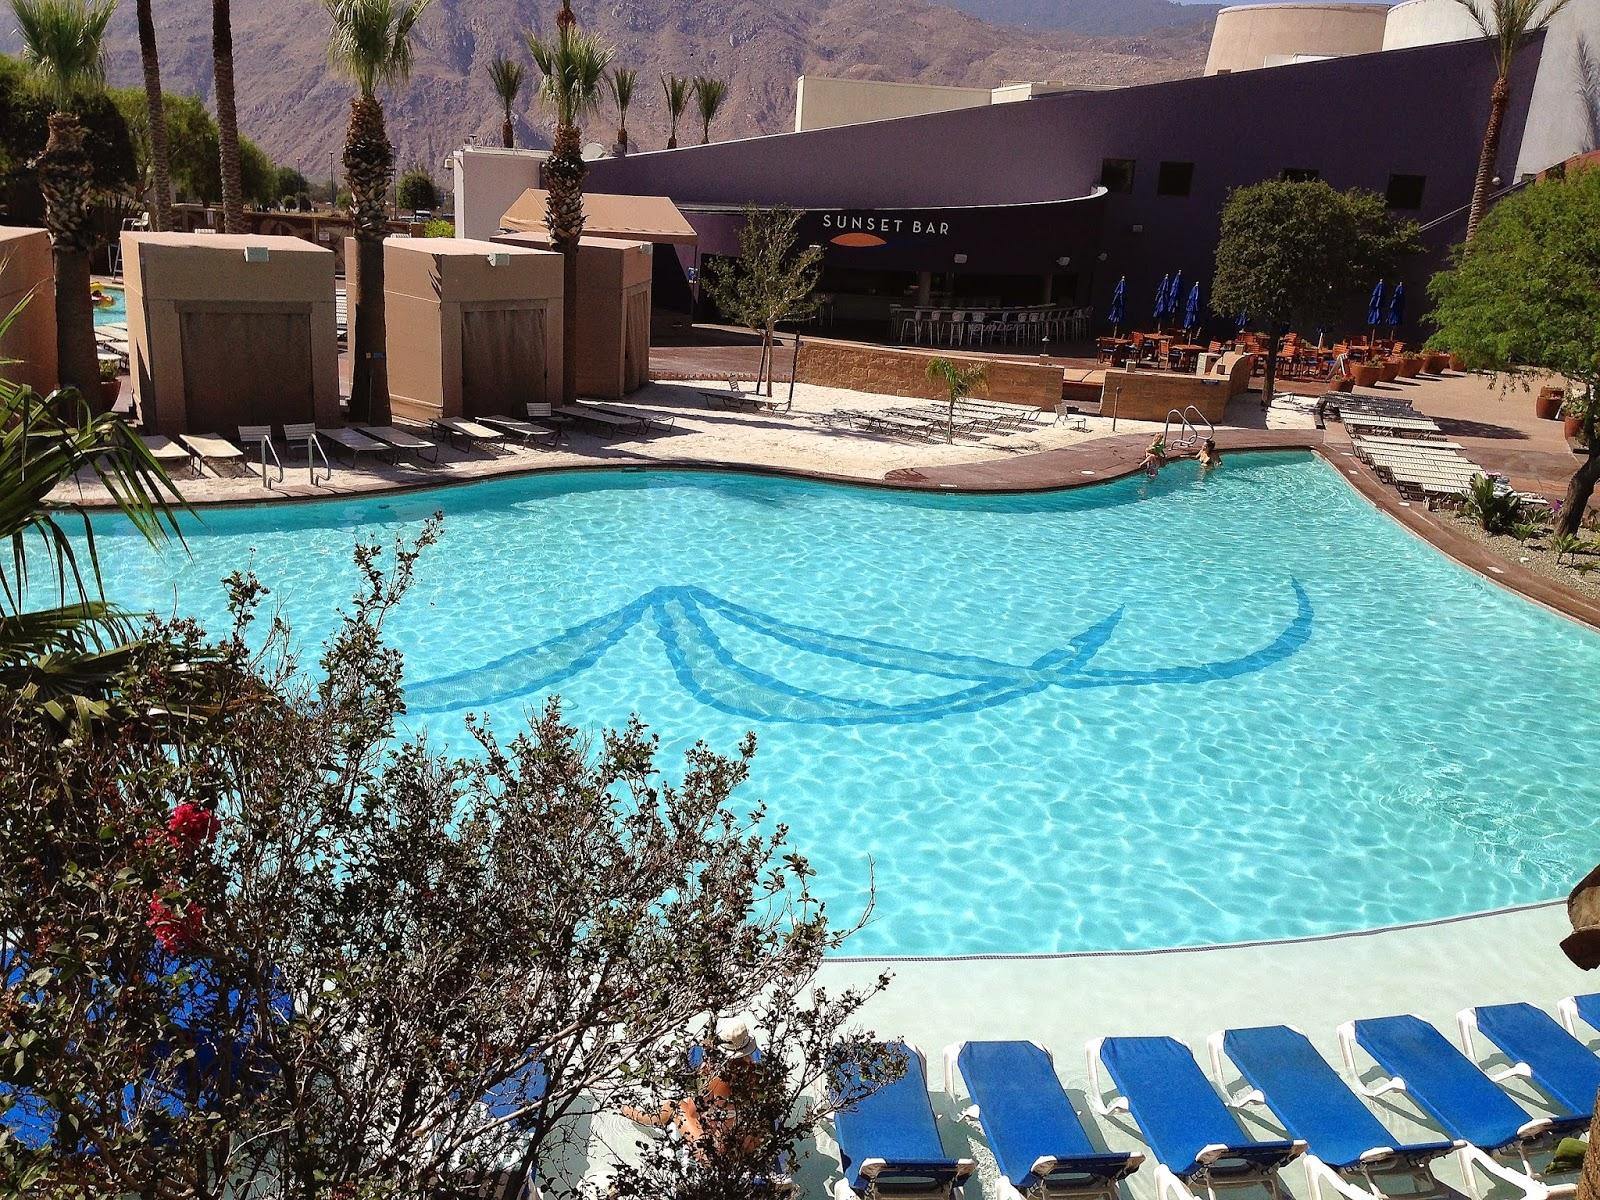 Casino morongo pool hours